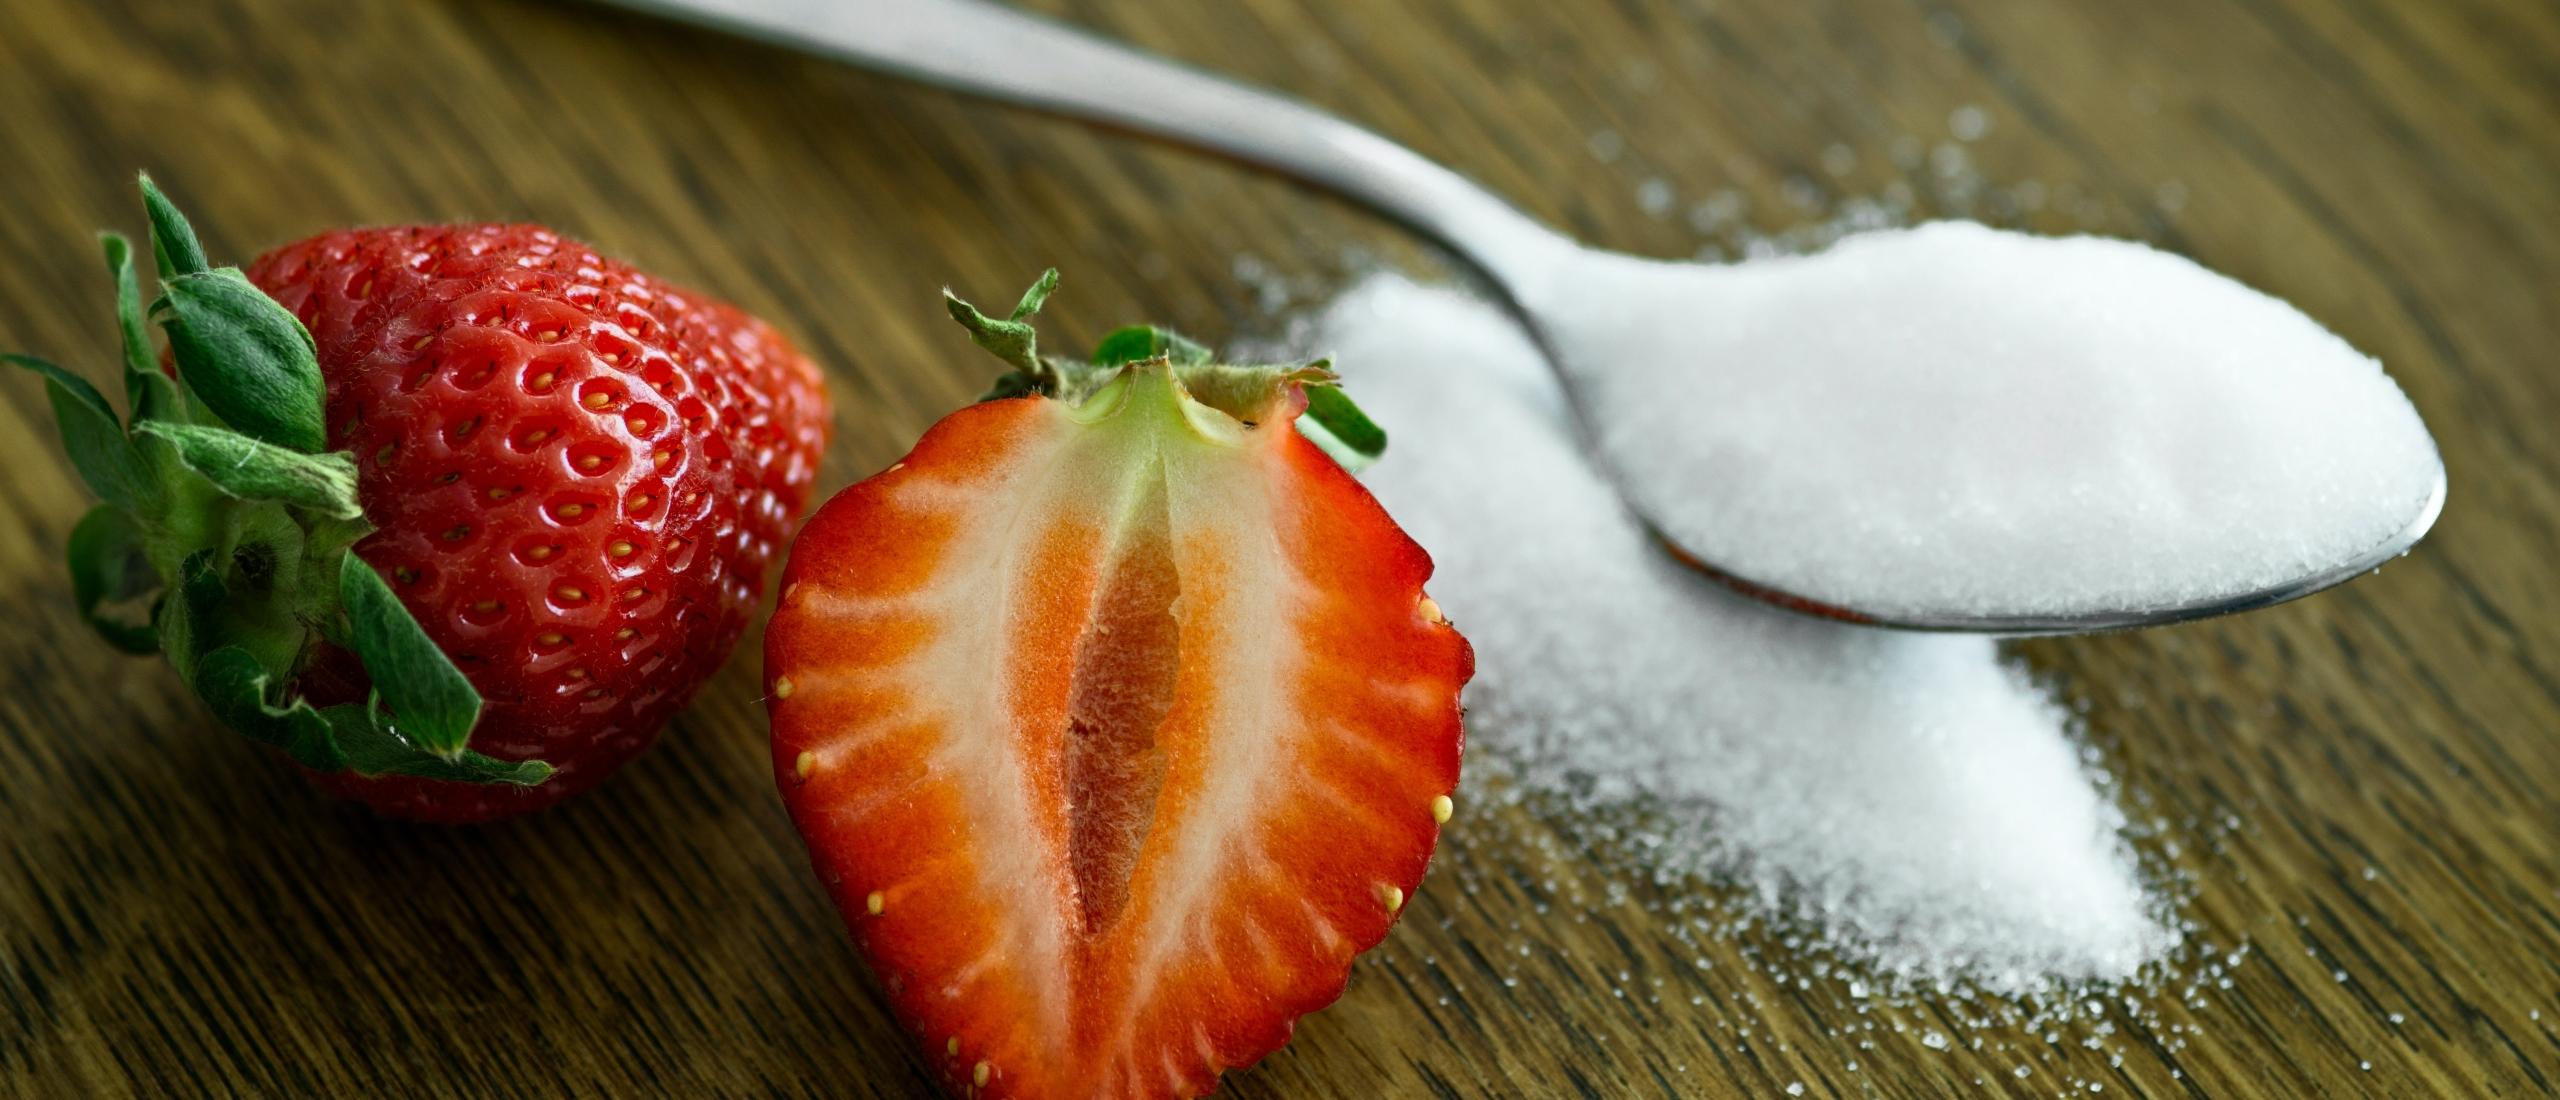 97 verschillende namen voor suiker